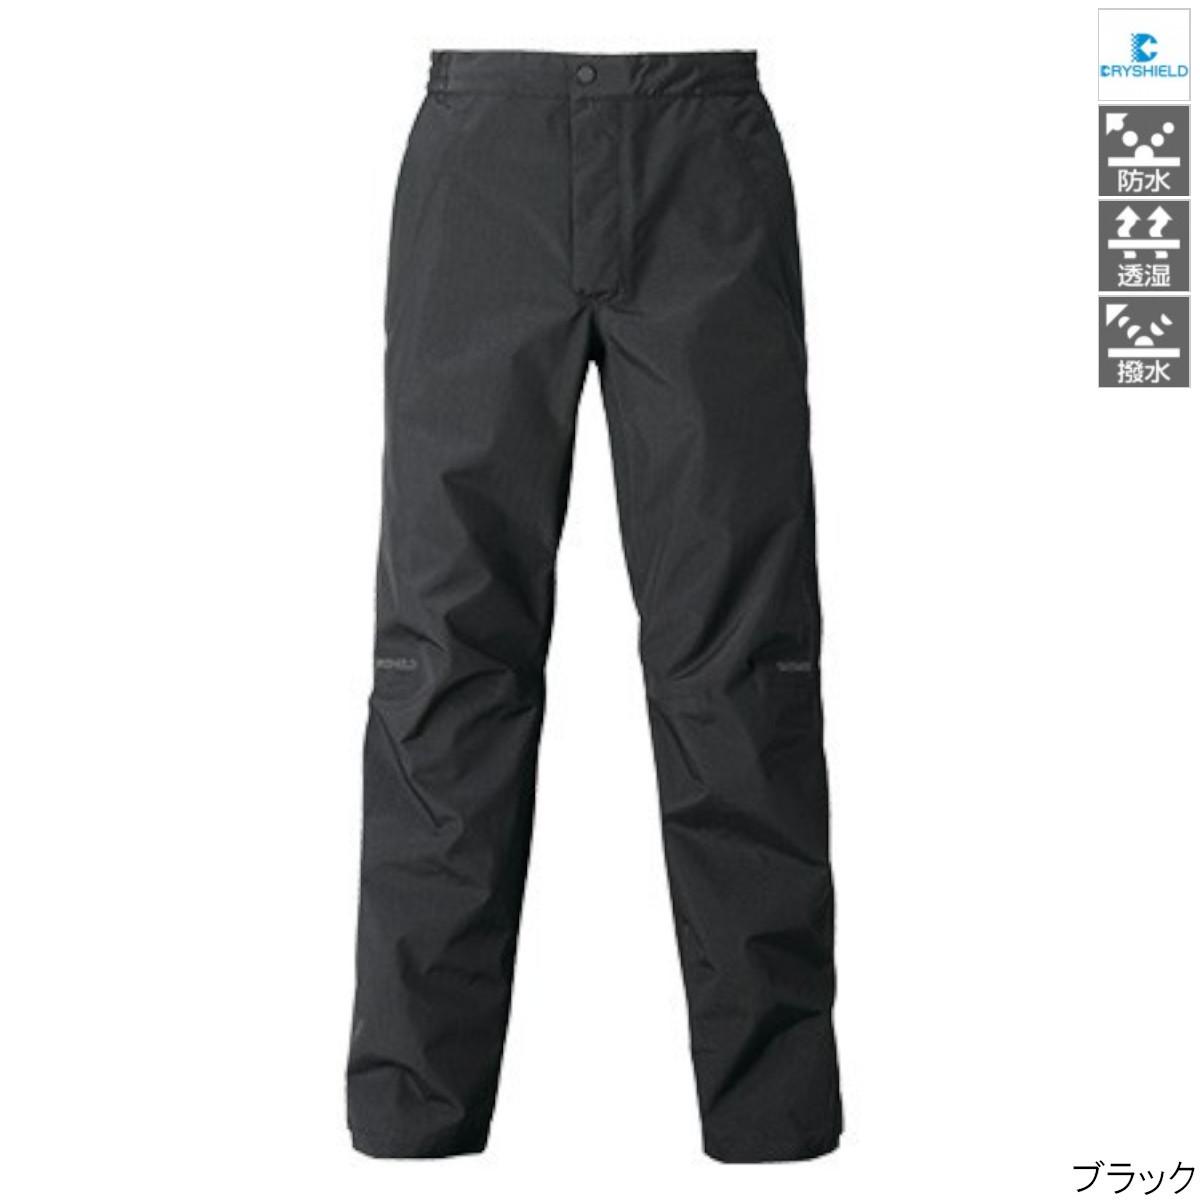 シマノ DSエクスプローラーレインパンツ RA-04PT M ブラック